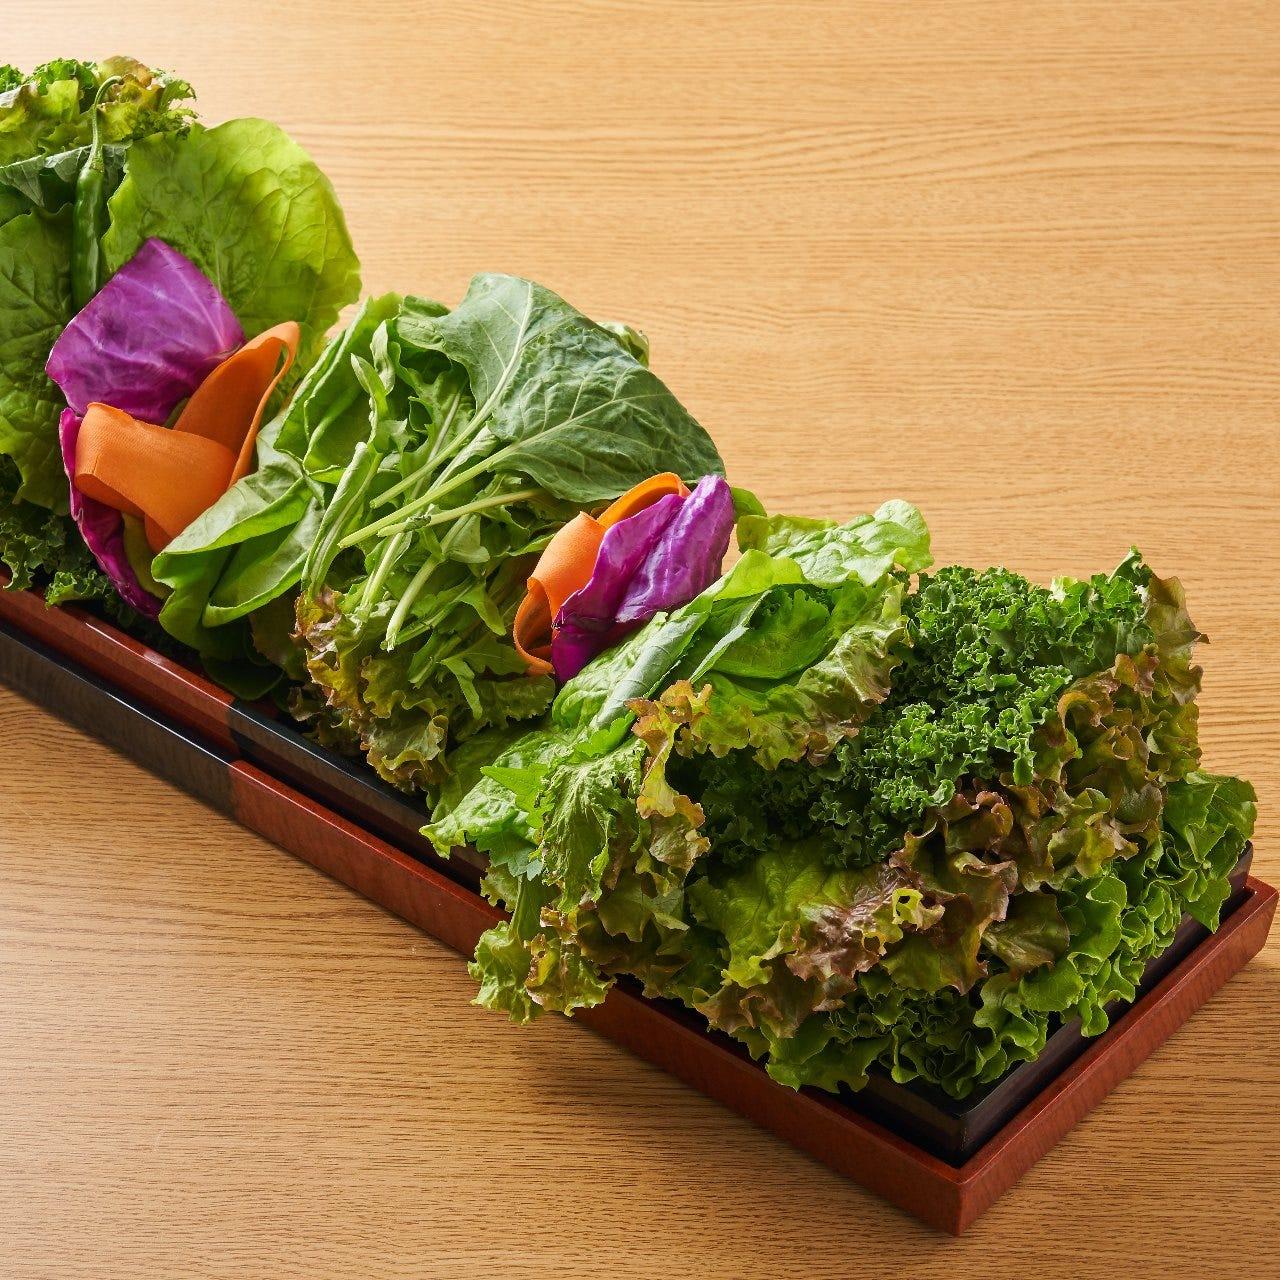 野菜はインスタ映えのする驚きの量の豪華な盛り合わせ!